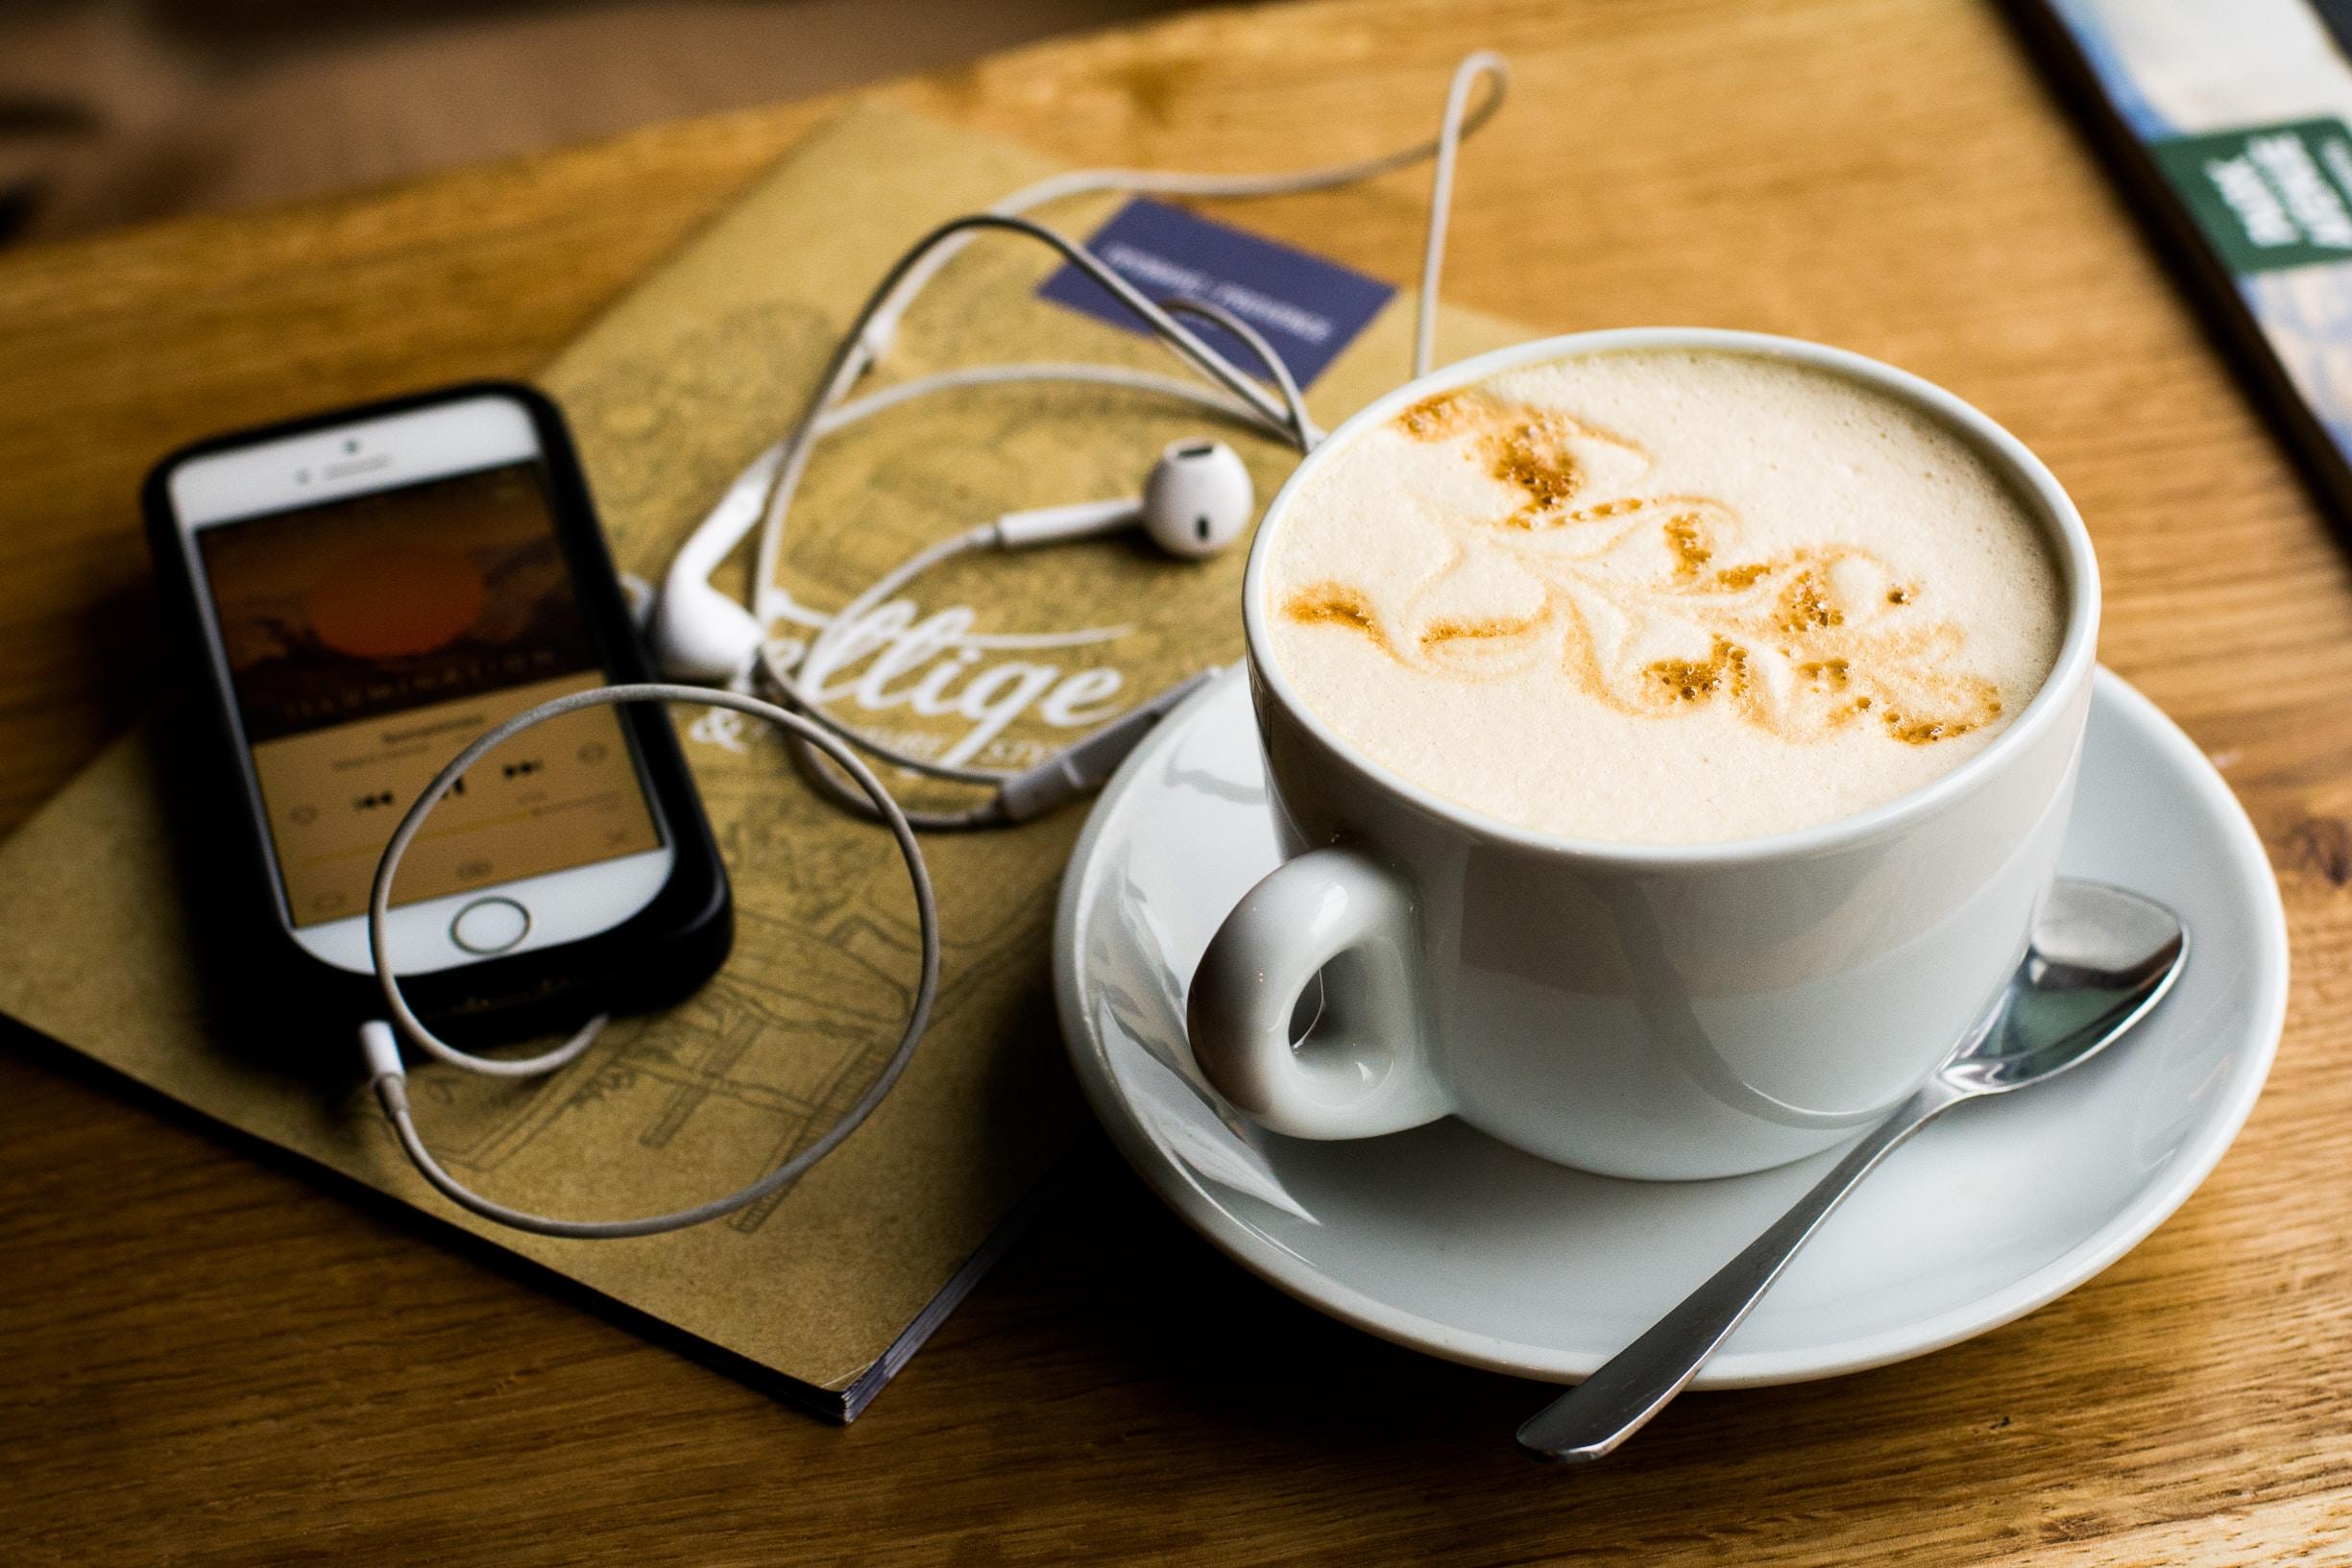 Uno smartphone su cui è in ascolto un podcast, accanto a un cappuccino